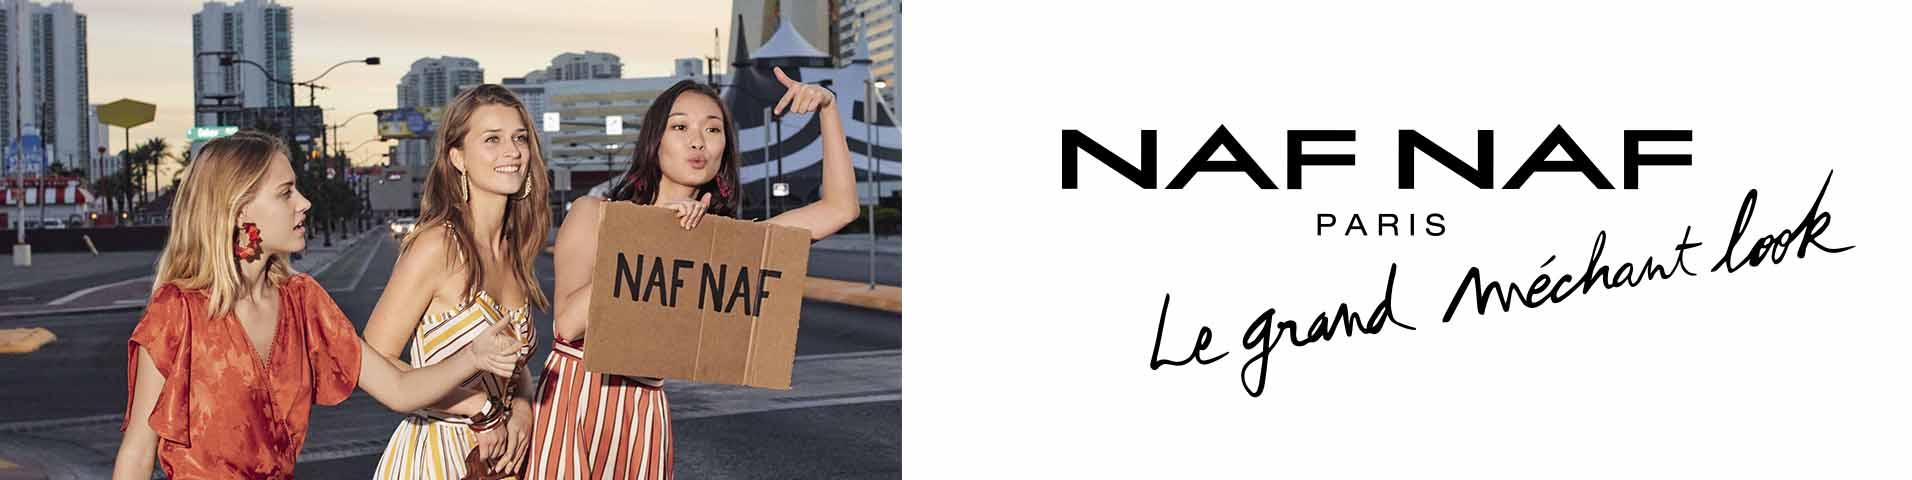 Naf Naf Online Shop Naf Naf Online Bestellen Bei Zalando